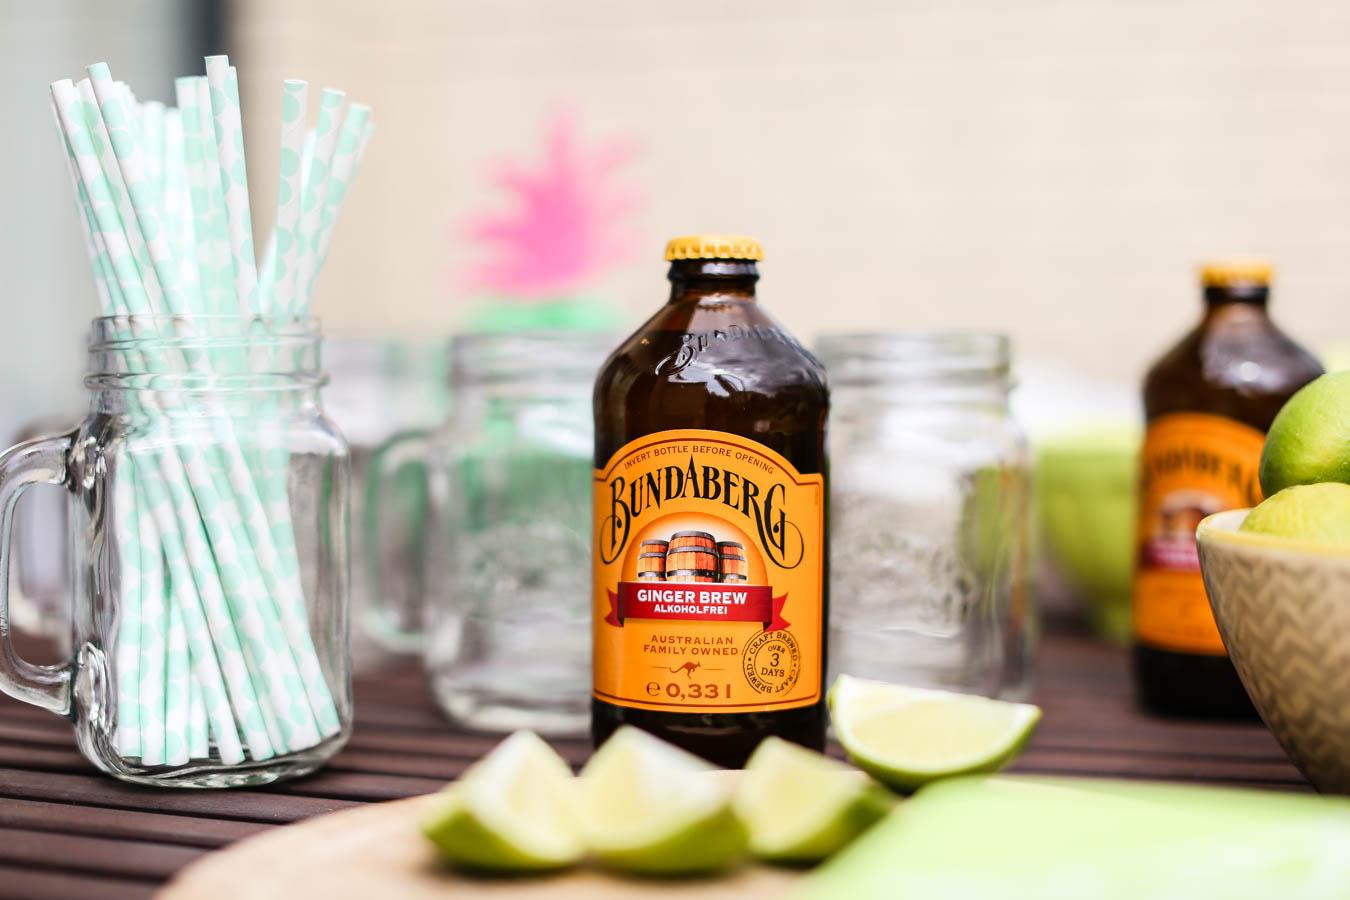 Bundaberg Ginger Brew alkoholfrei